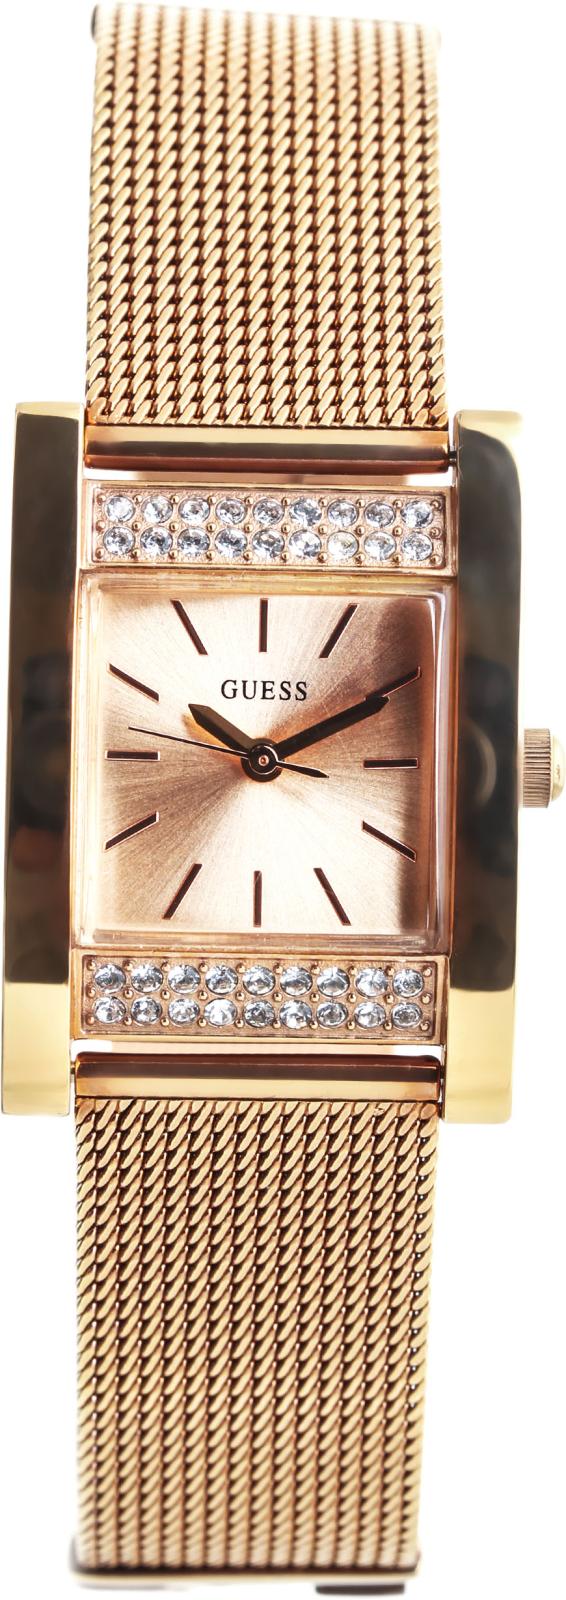 Guess W0127L3Наручные часы<br>Американские&amp;nbsp;часы Guess W0127L3Это стильные женские часы. Материал корпуса часов &amp;mdash; сталь. В этой модели стоит минеральное стекло. Водозащита этой модели 30 м. Основной цвет циферблата золотистый. Из основных функций на циферблате представлены: часы, минуты, секунды. Корпус часов в диаметре 35мм.<br><br>Пол: Женские<br>Страна-производитель: США<br>Механизм: Кварцевый<br>Материал корпуса: Сталь<br>Материал ремня/браслета: Сталь<br>Водозащита, диапазон: None<br>Стекло: Минеральное<br>Толщина корпуса: 12<br>Стиль: Классика